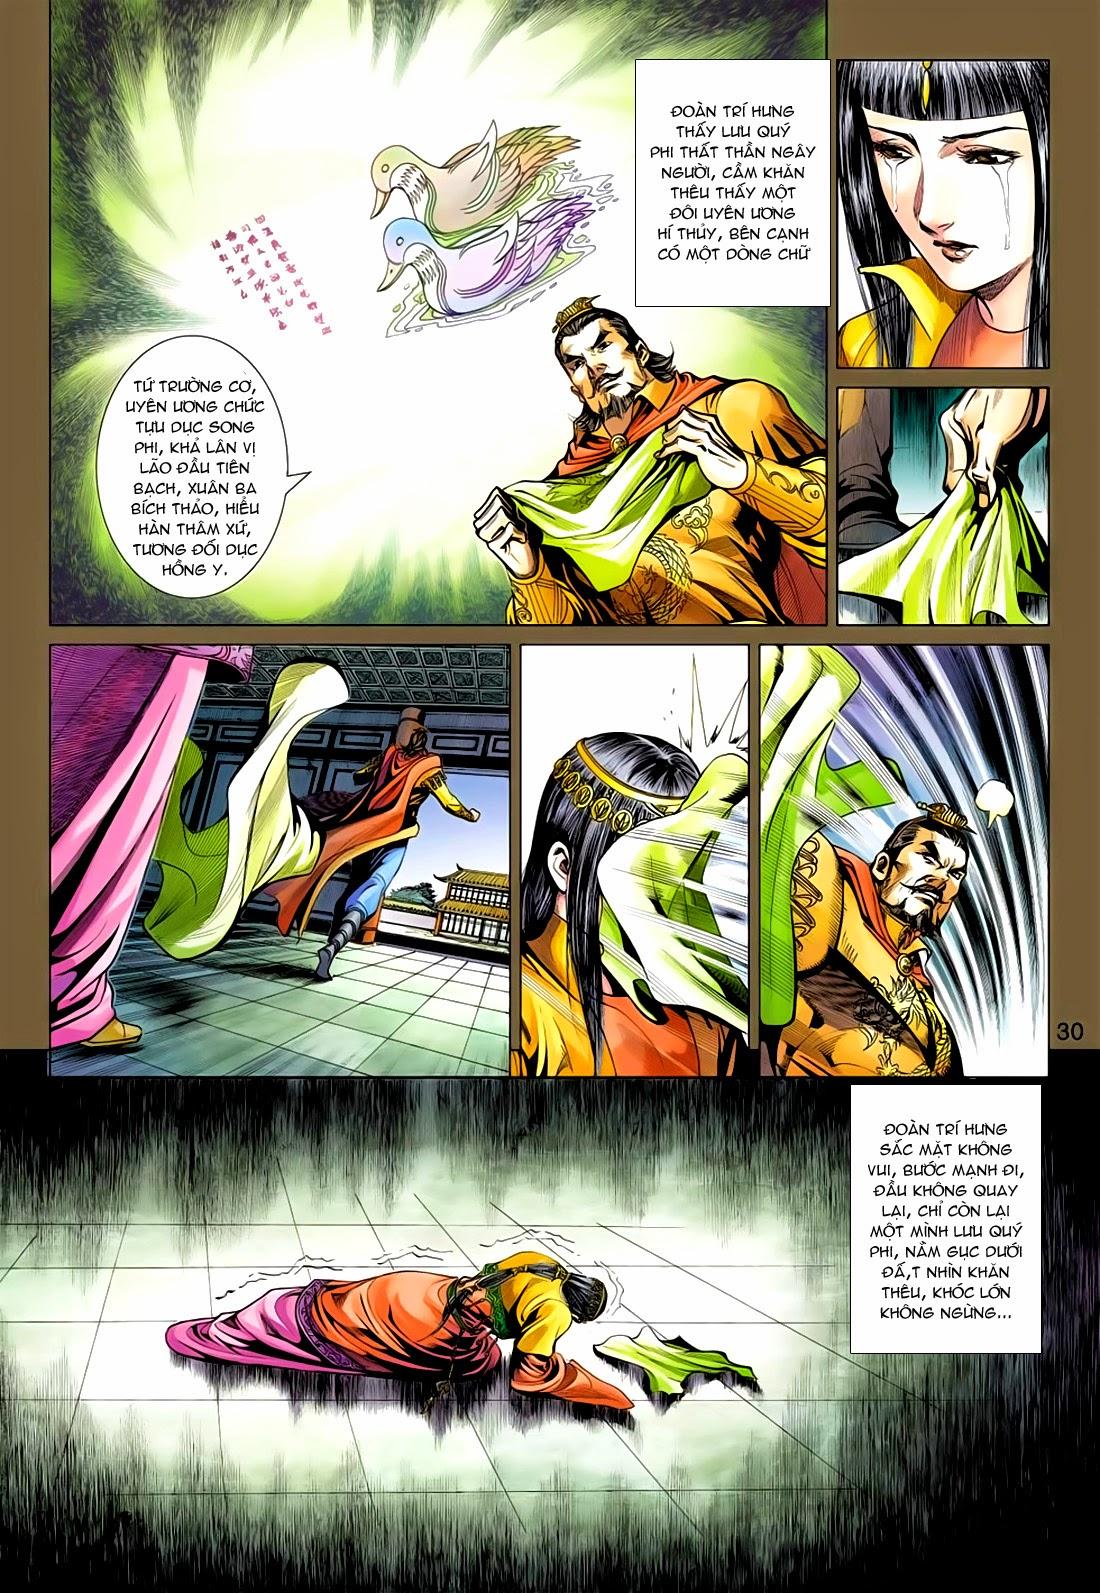 Anh Hùng Xạ Điêu anh hùng xạ đêu chap 77: thế thượng tối cường võ công trang 30